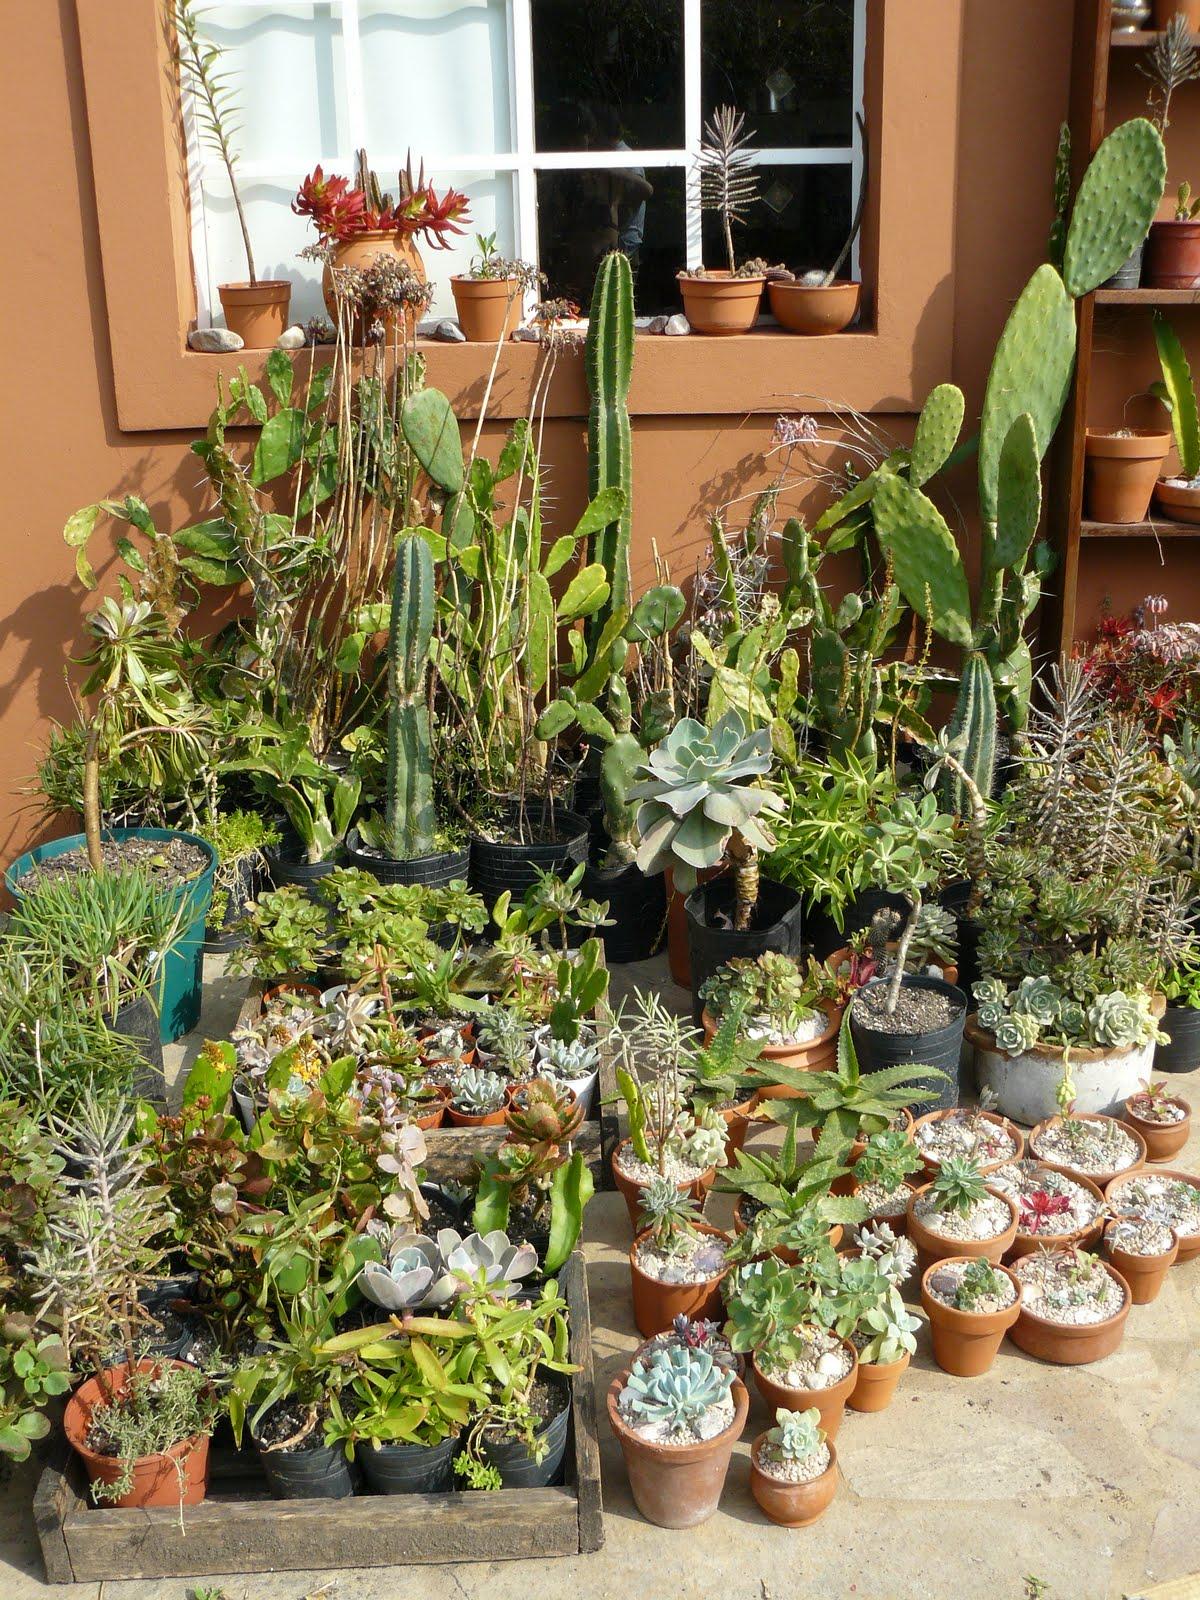 jardines de cactus y suculentas jardin en macetas. Black Bedroom Furniture Sets. Home Design Ideas